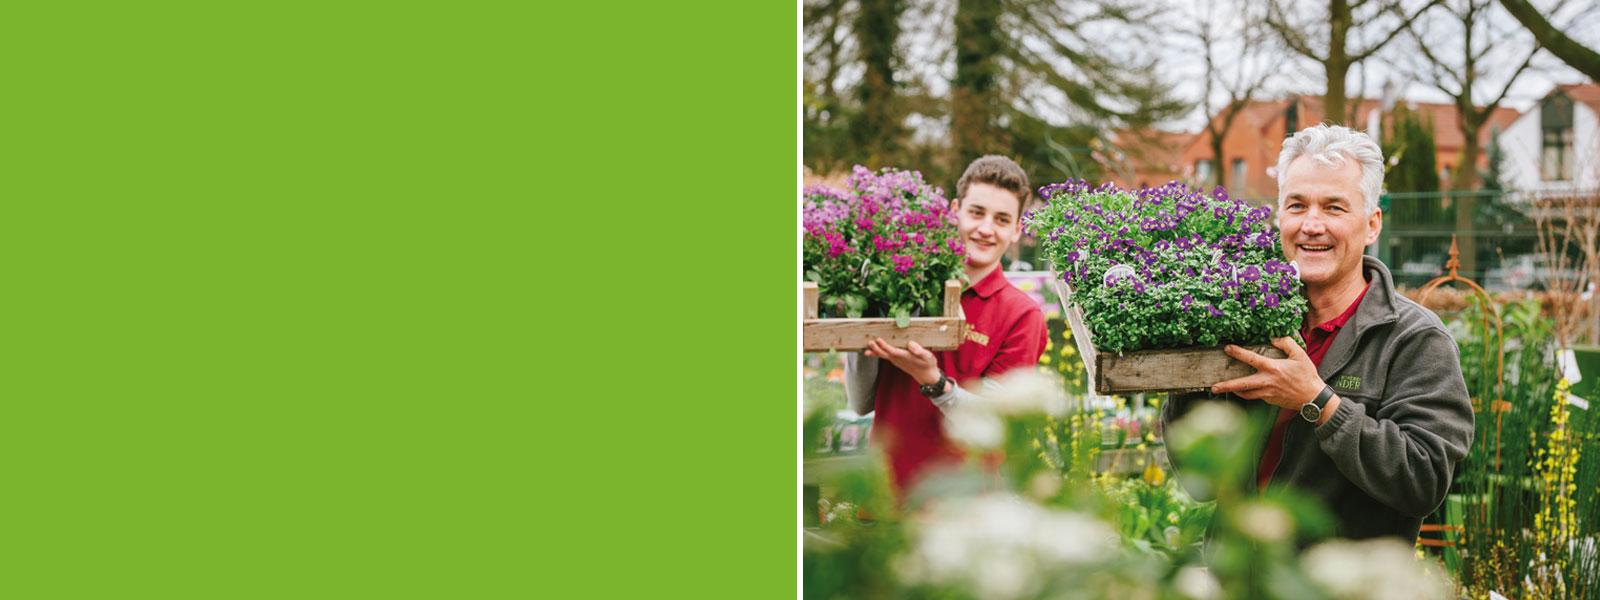 Gärtnerei Finder hat Pflanzen aus guten Händen